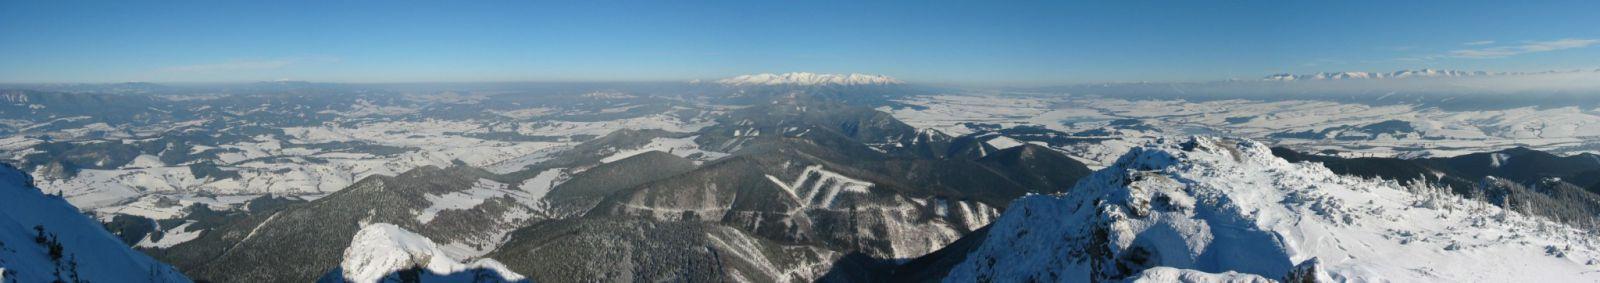 04 02 20 14.26.32 Panorama Z Choče